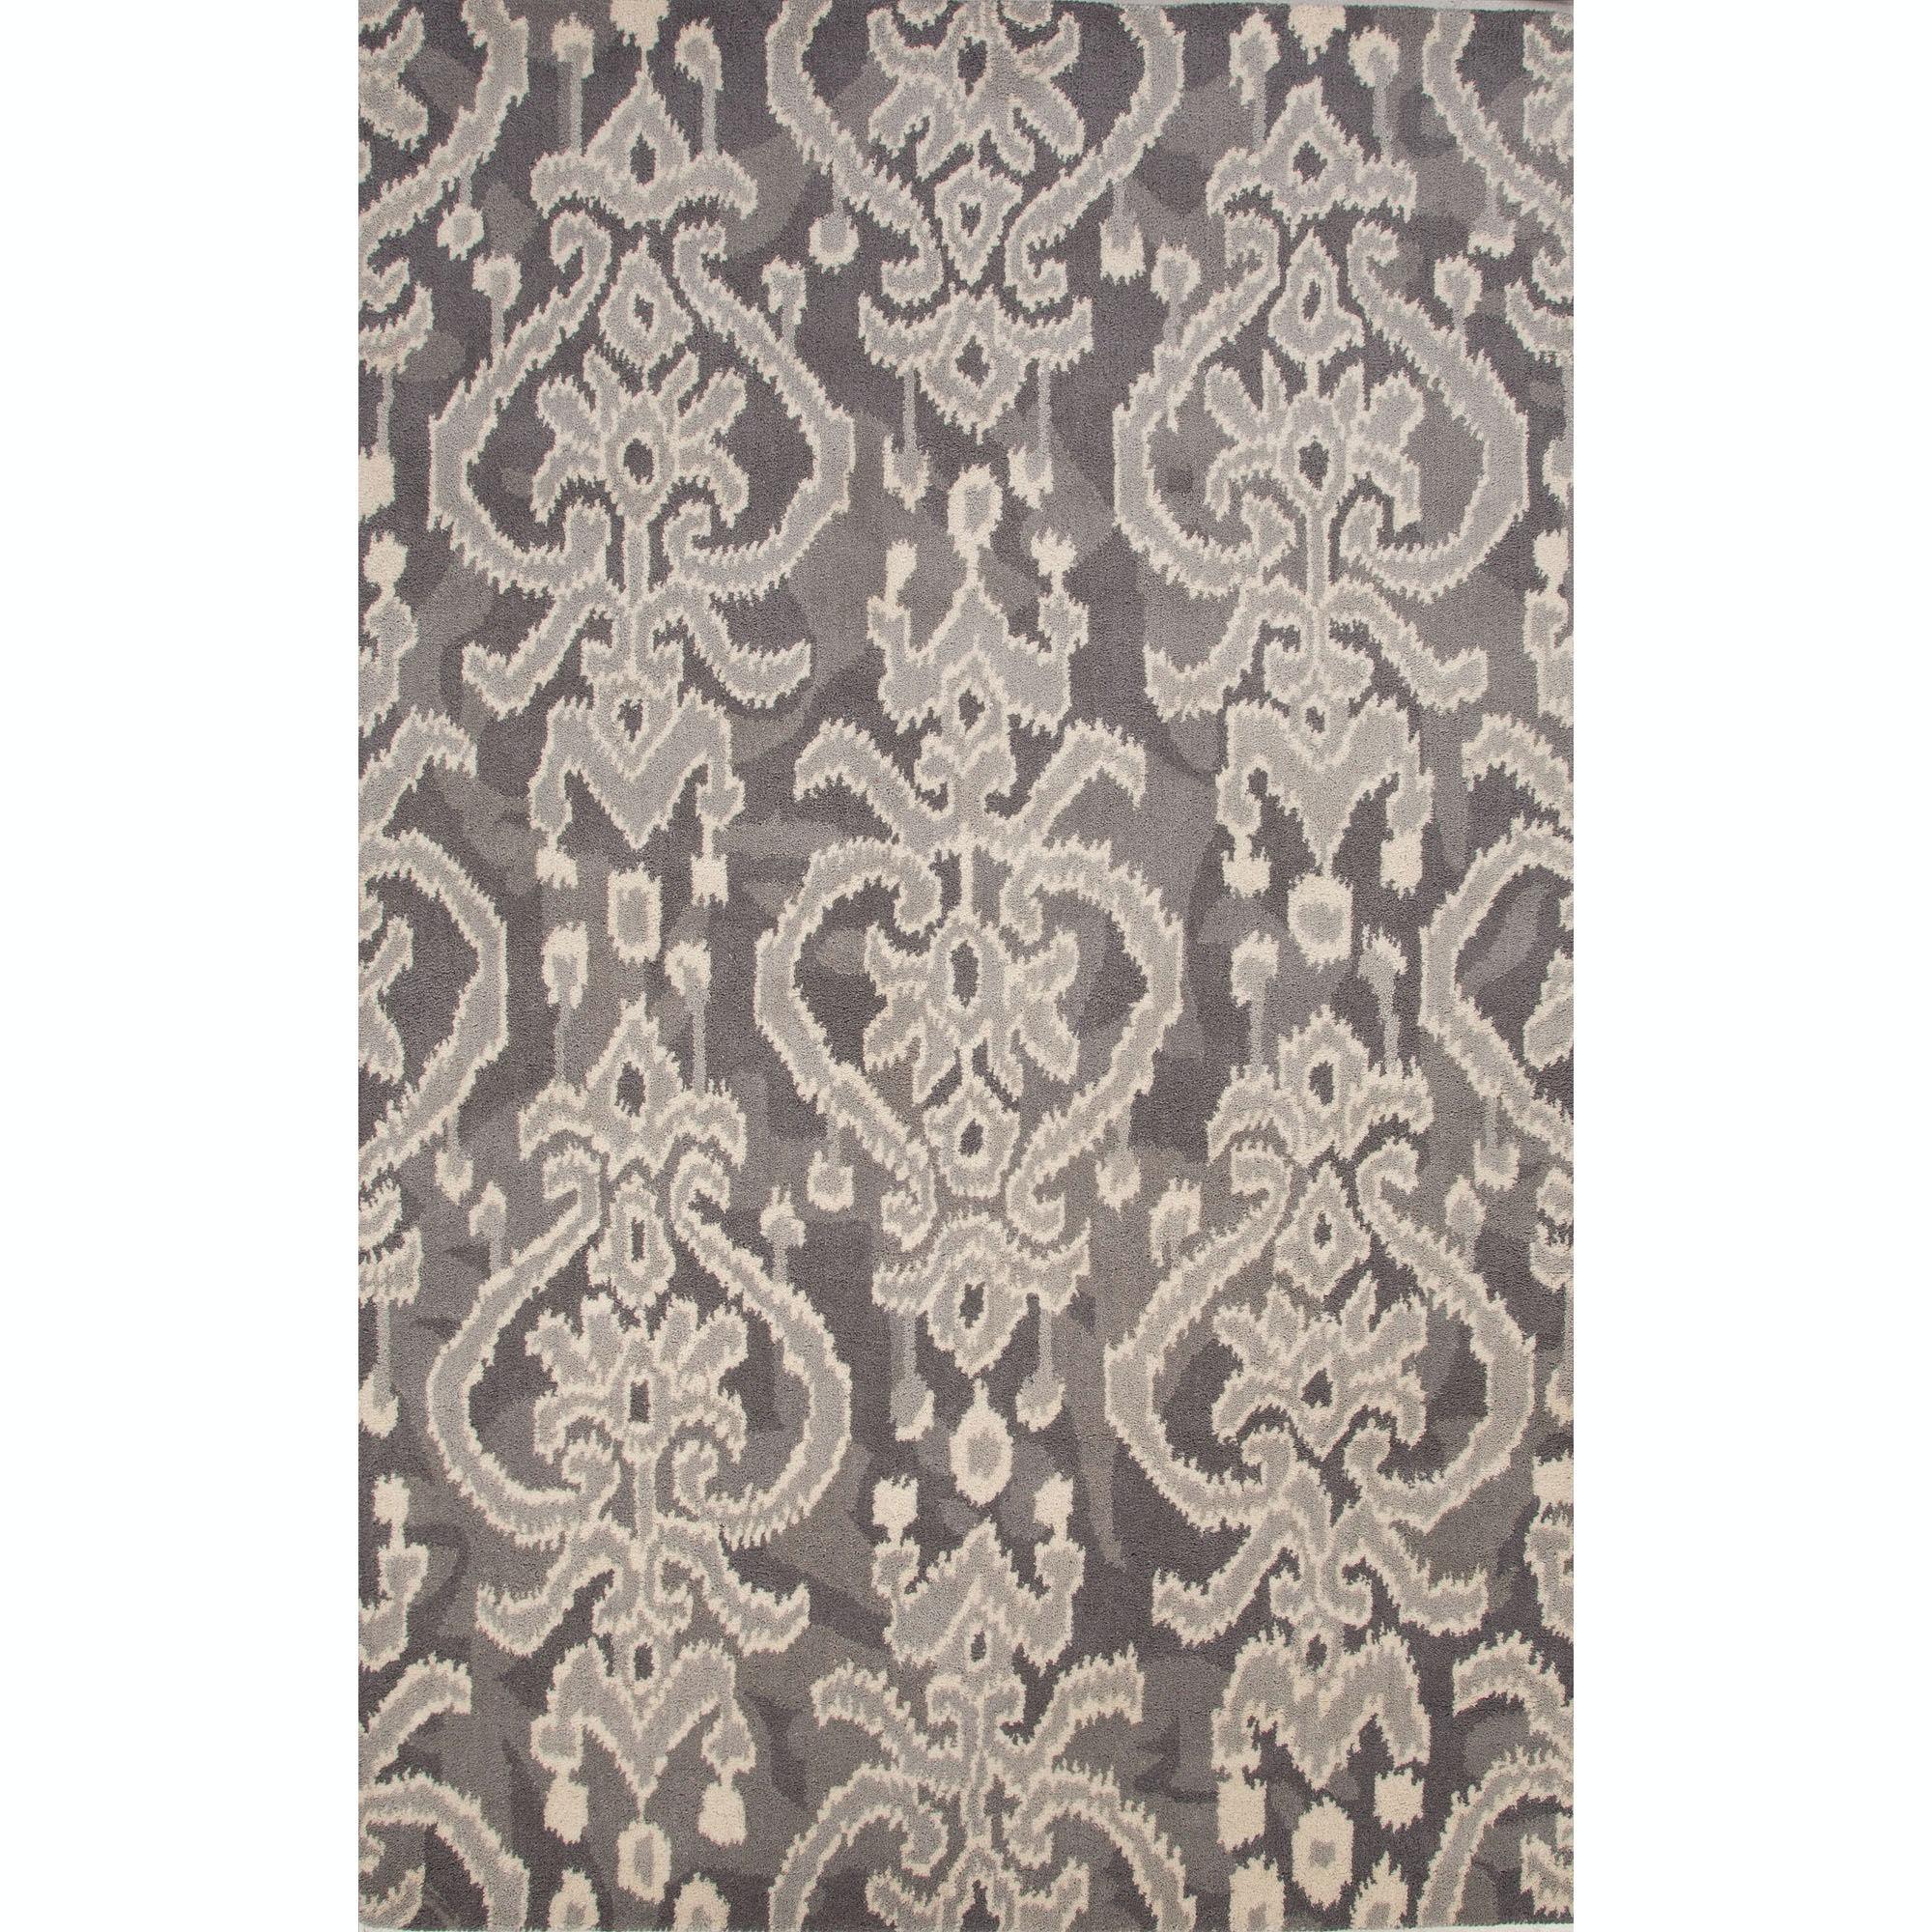 Jaipur Rugs Floor Coverings Jaipur Hand Tufted European Pattern Gray